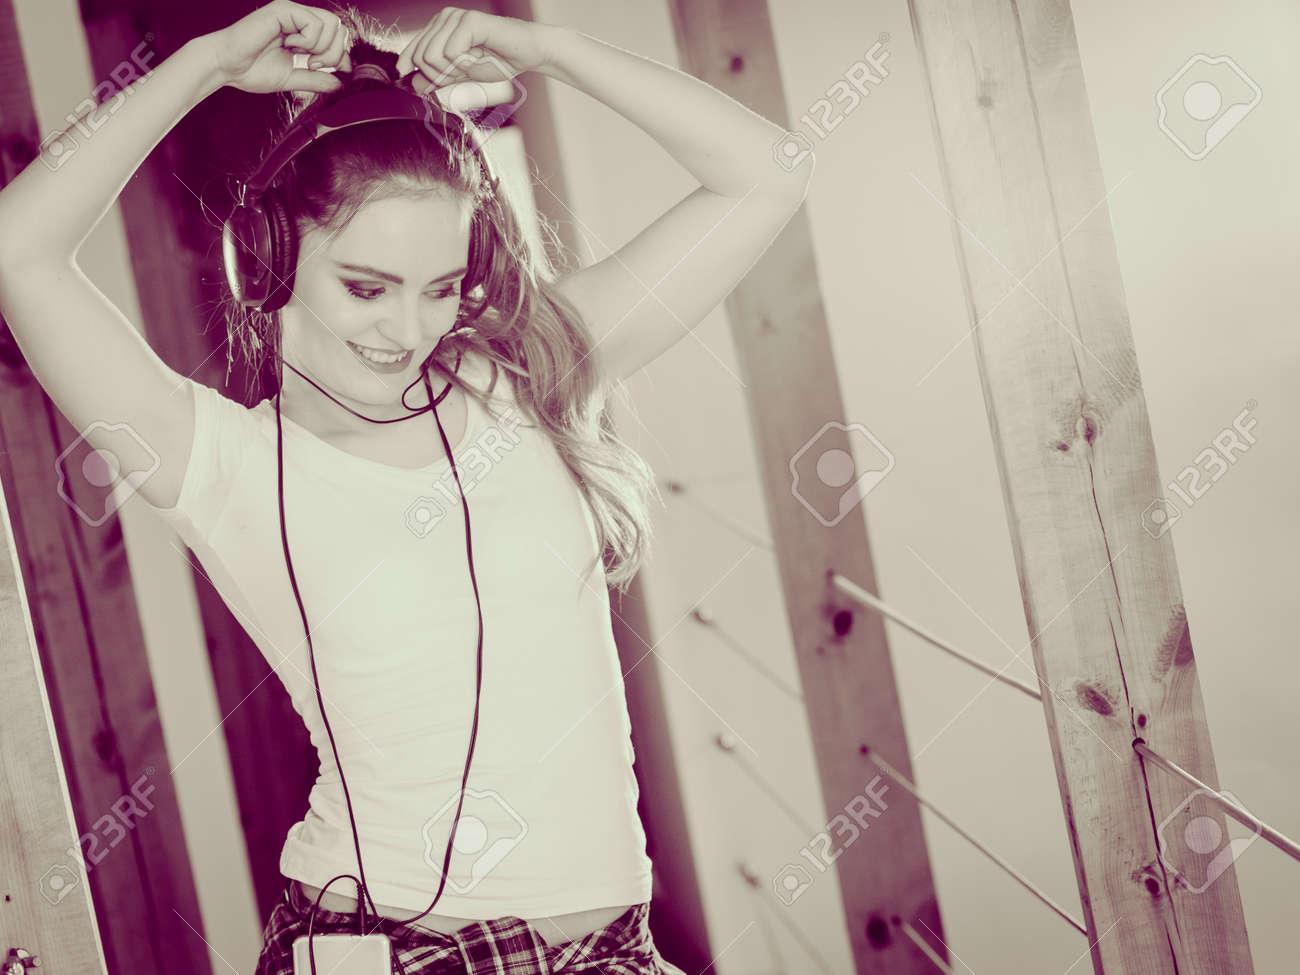 favorite hobby listening to music